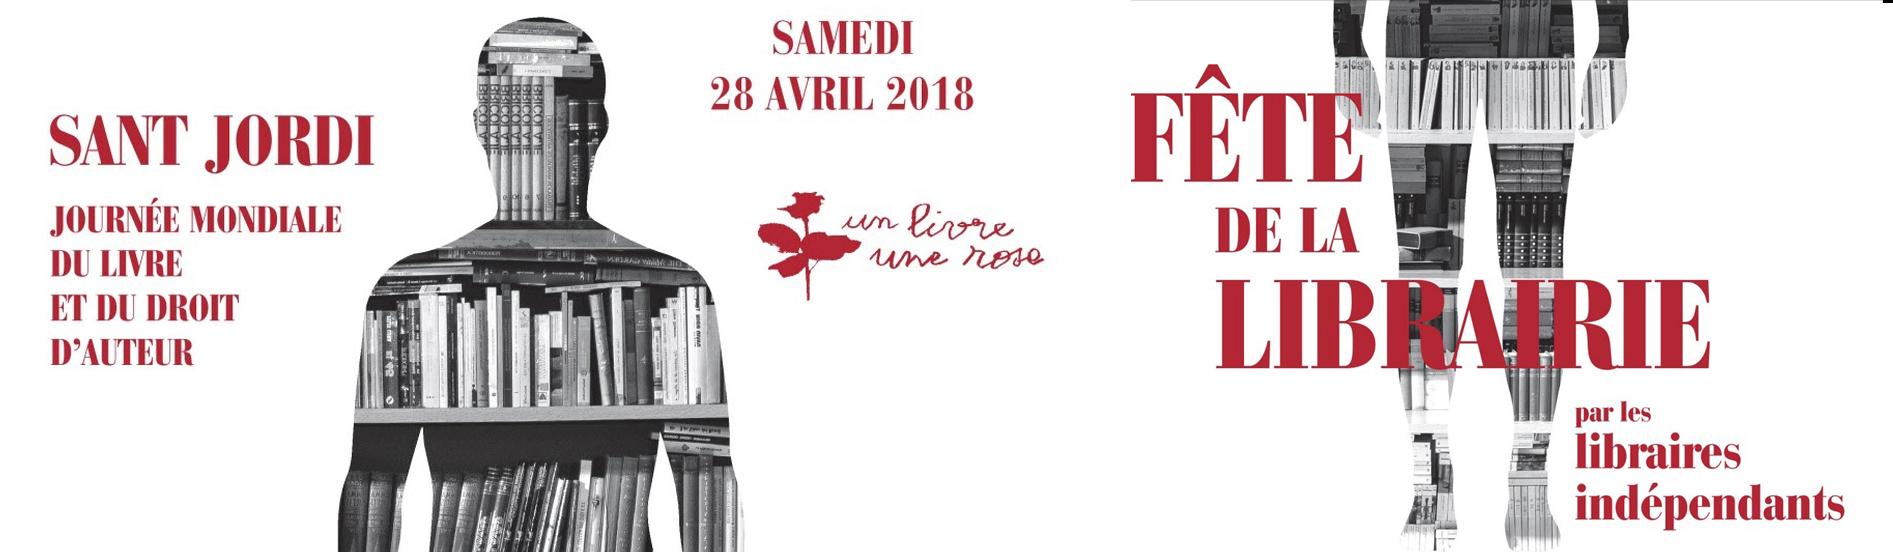 Fête de la Librairie - Sant Jordi